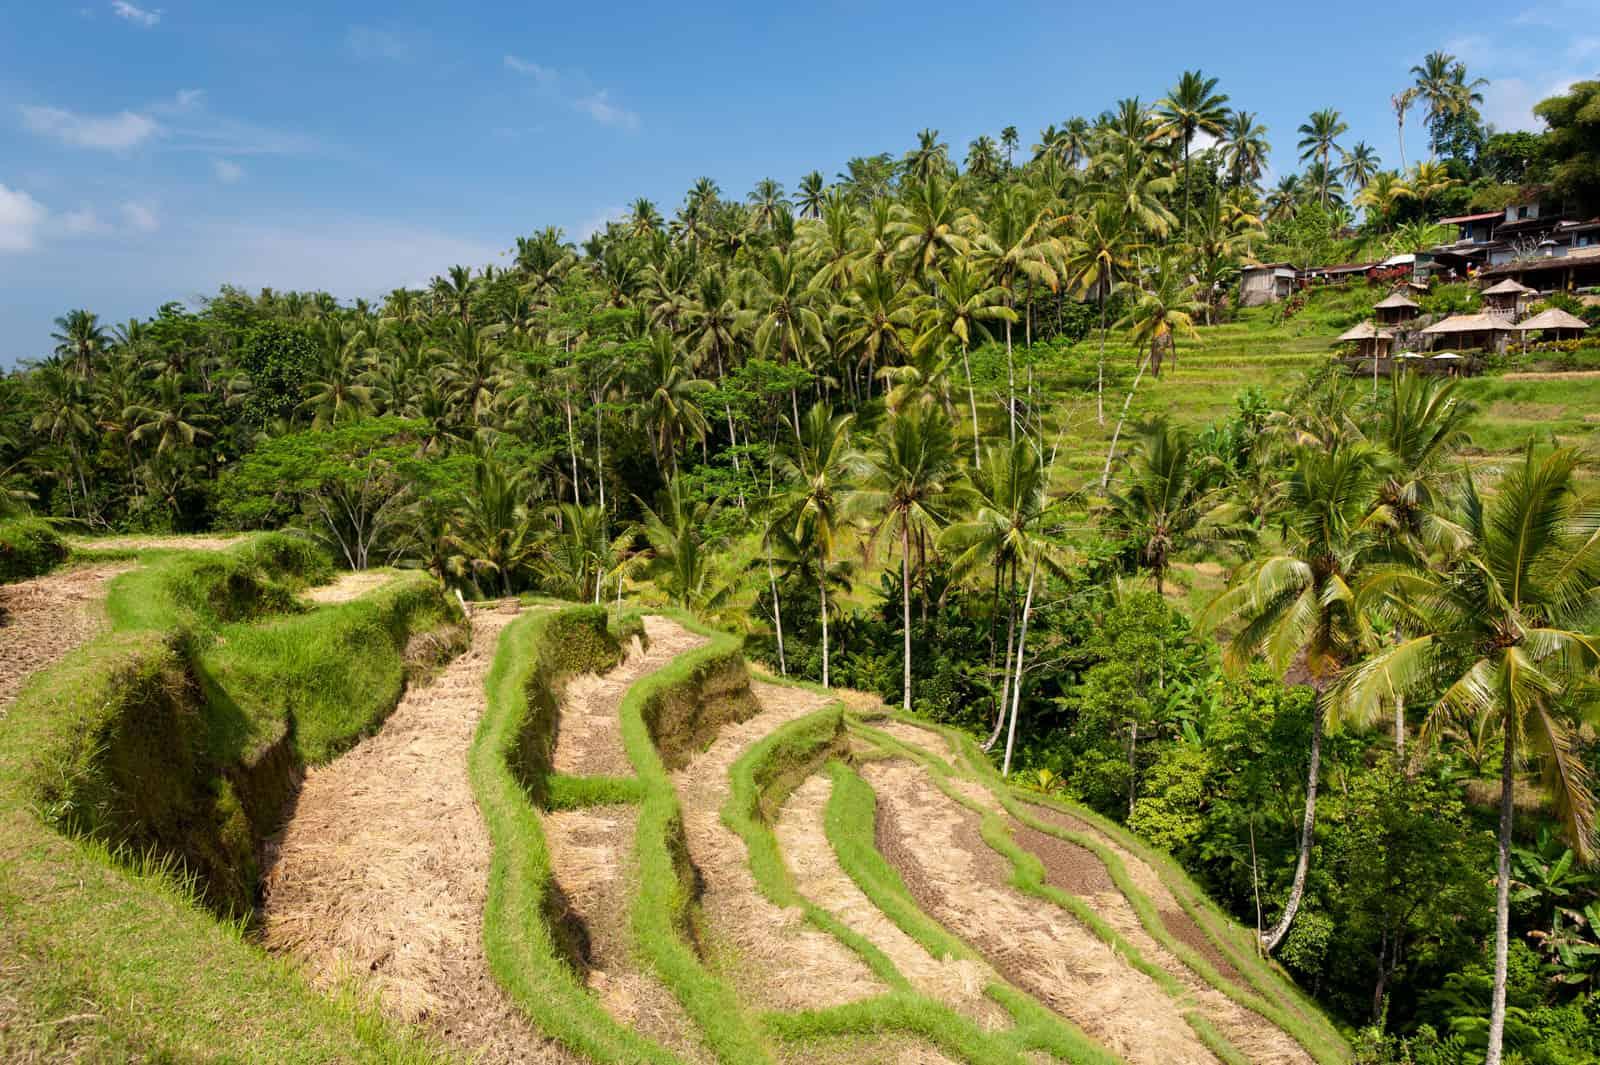 Rice Paddies around Ubud, Bali, Indonesia